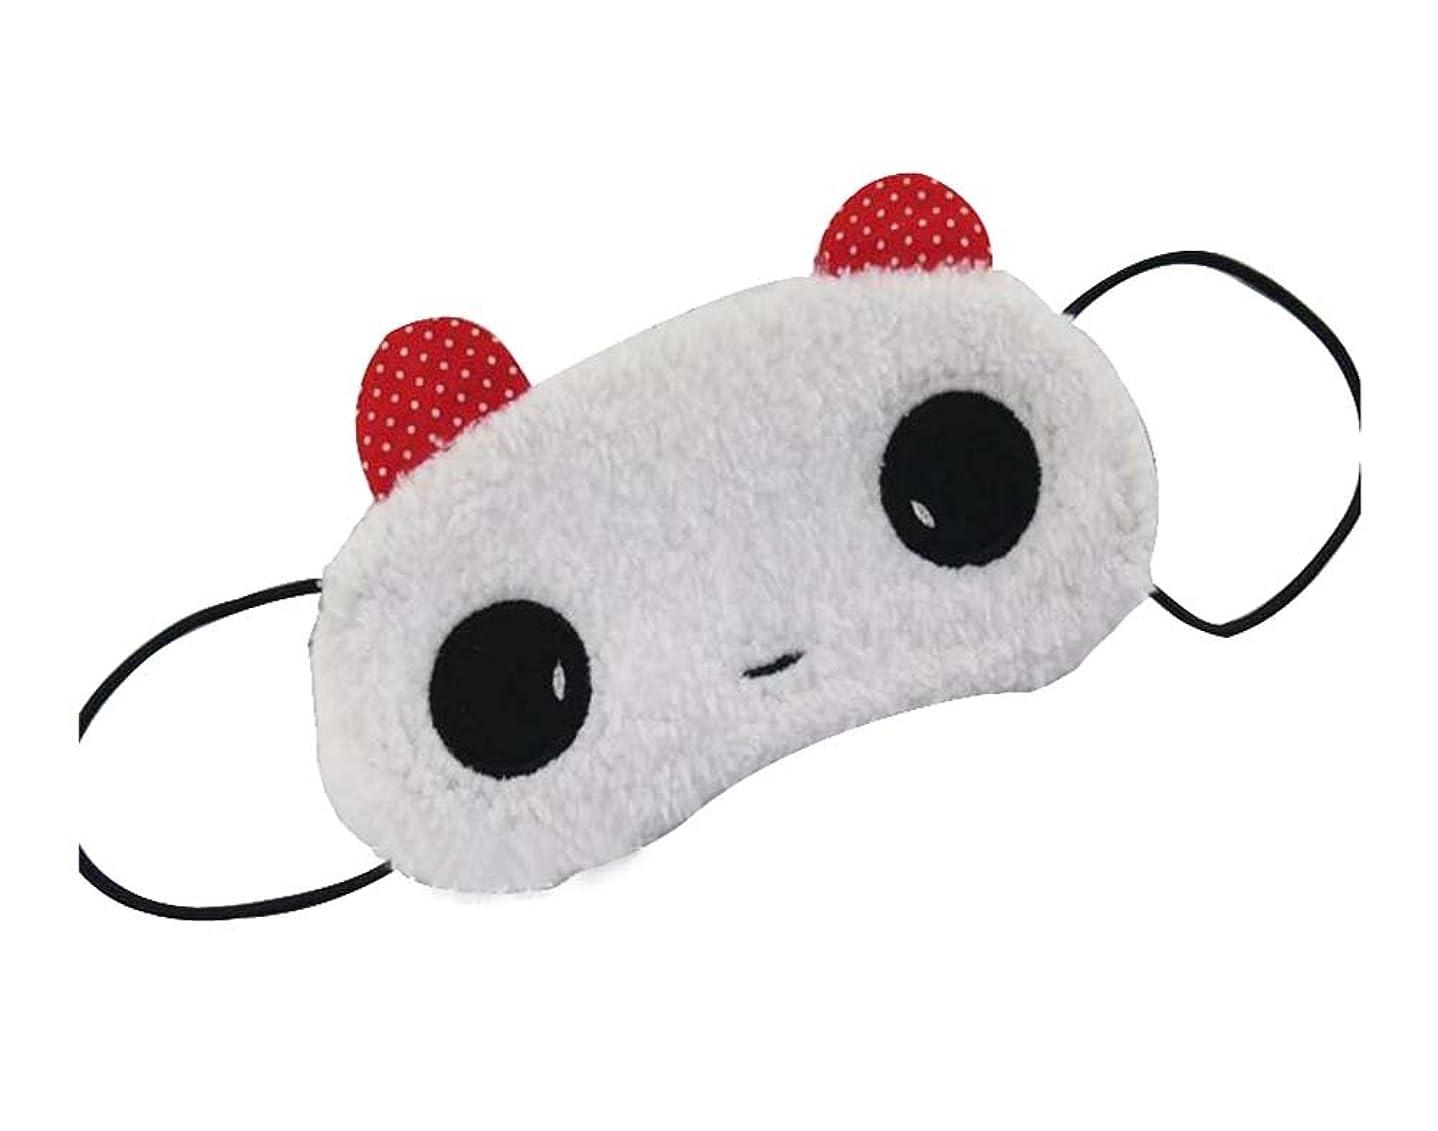 並外れた締め切り反応する素敵な子供の目のマスクGirl's Hairy Eyeshades、Cute Panda